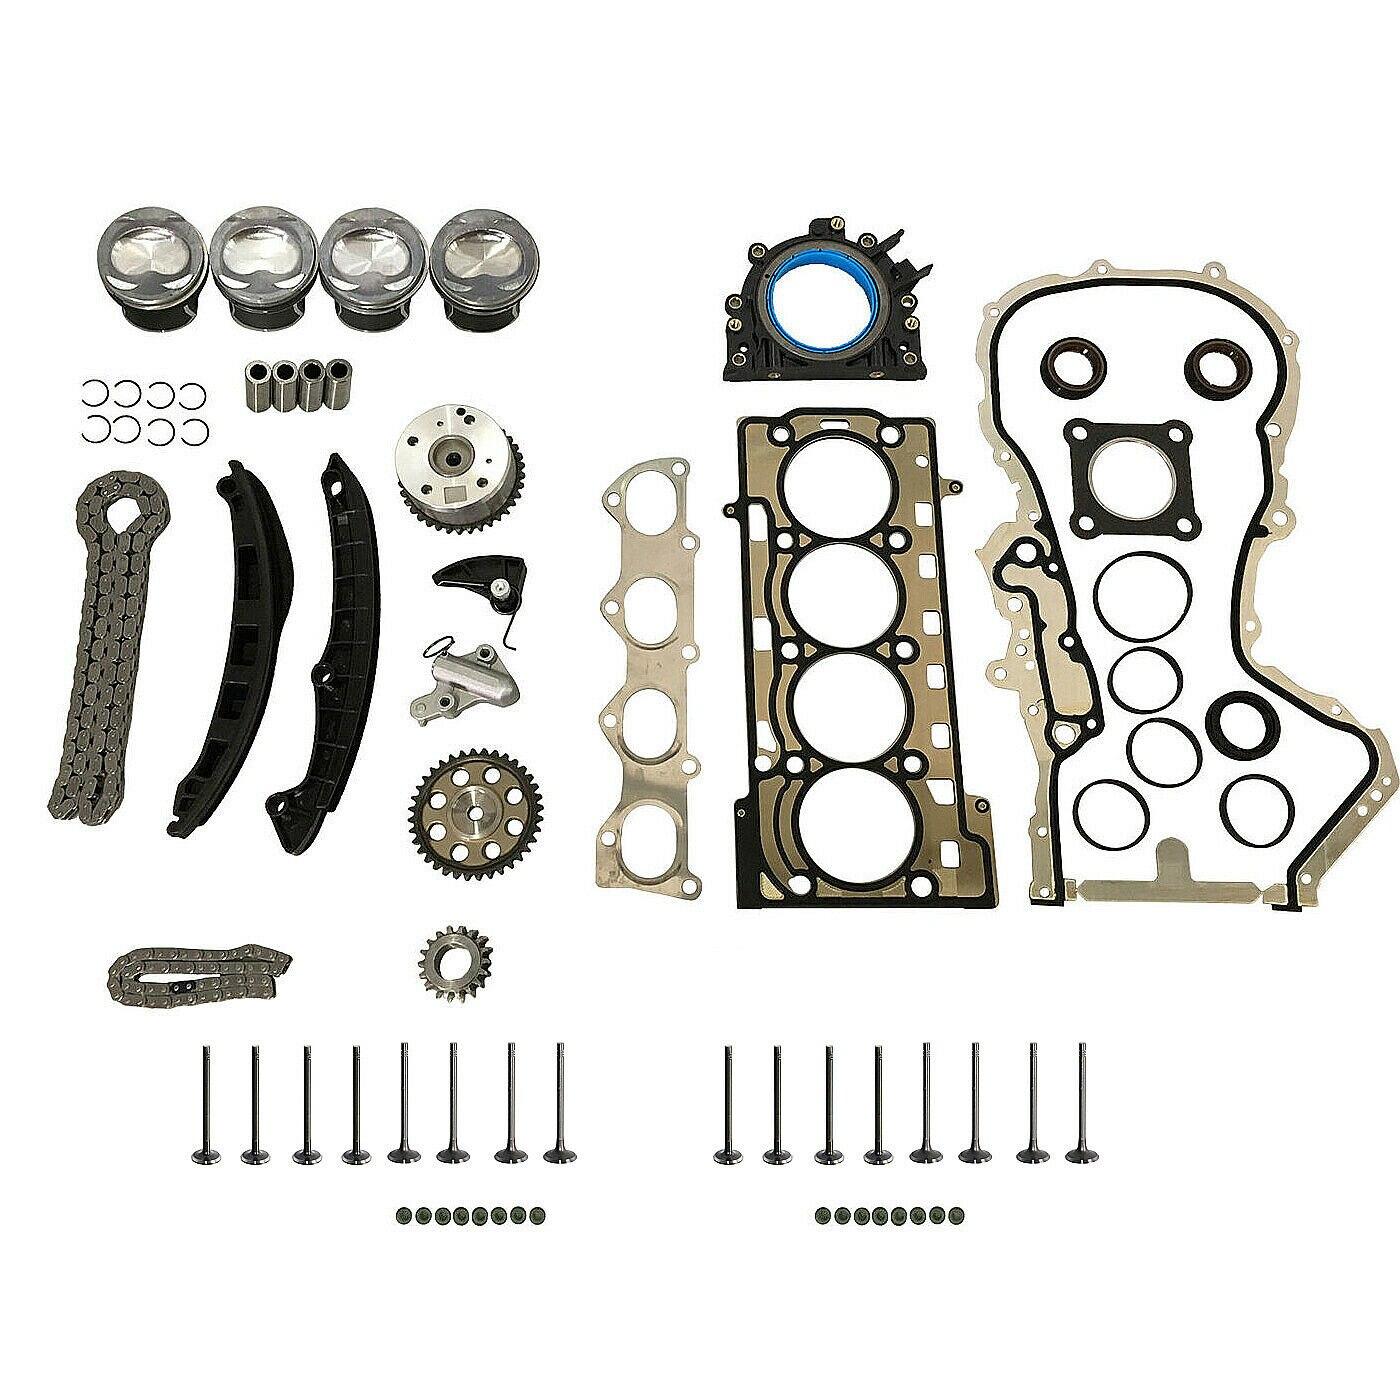 AP01 Kit de réparation moteur Pistons STD + Kit de chaîne de distribution + joints de tête pour Audi A3 A1 VW EOS coccinelle SCIROCCO CC 1.4 TSI